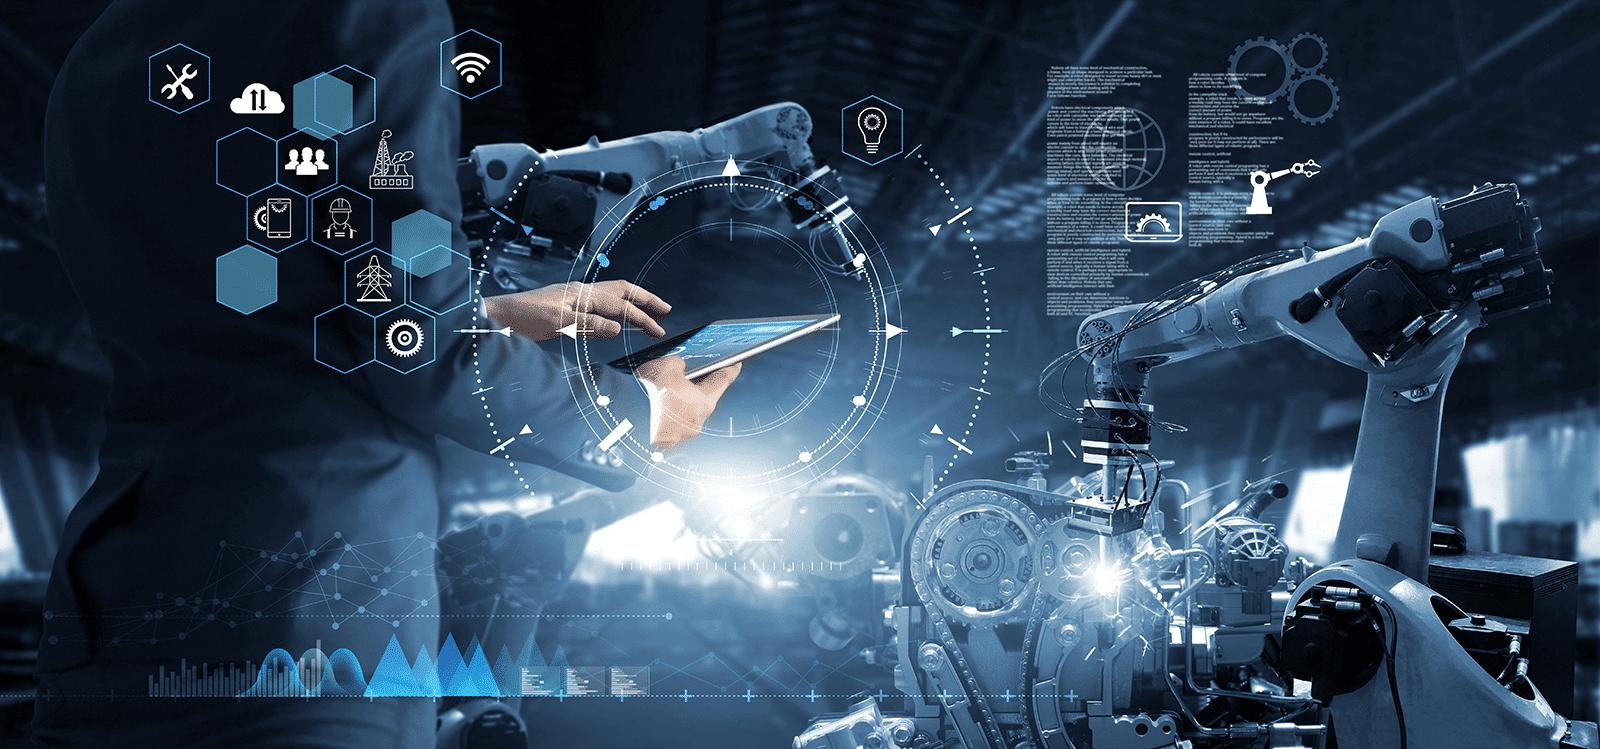 smeup digitalizzazione aziendale